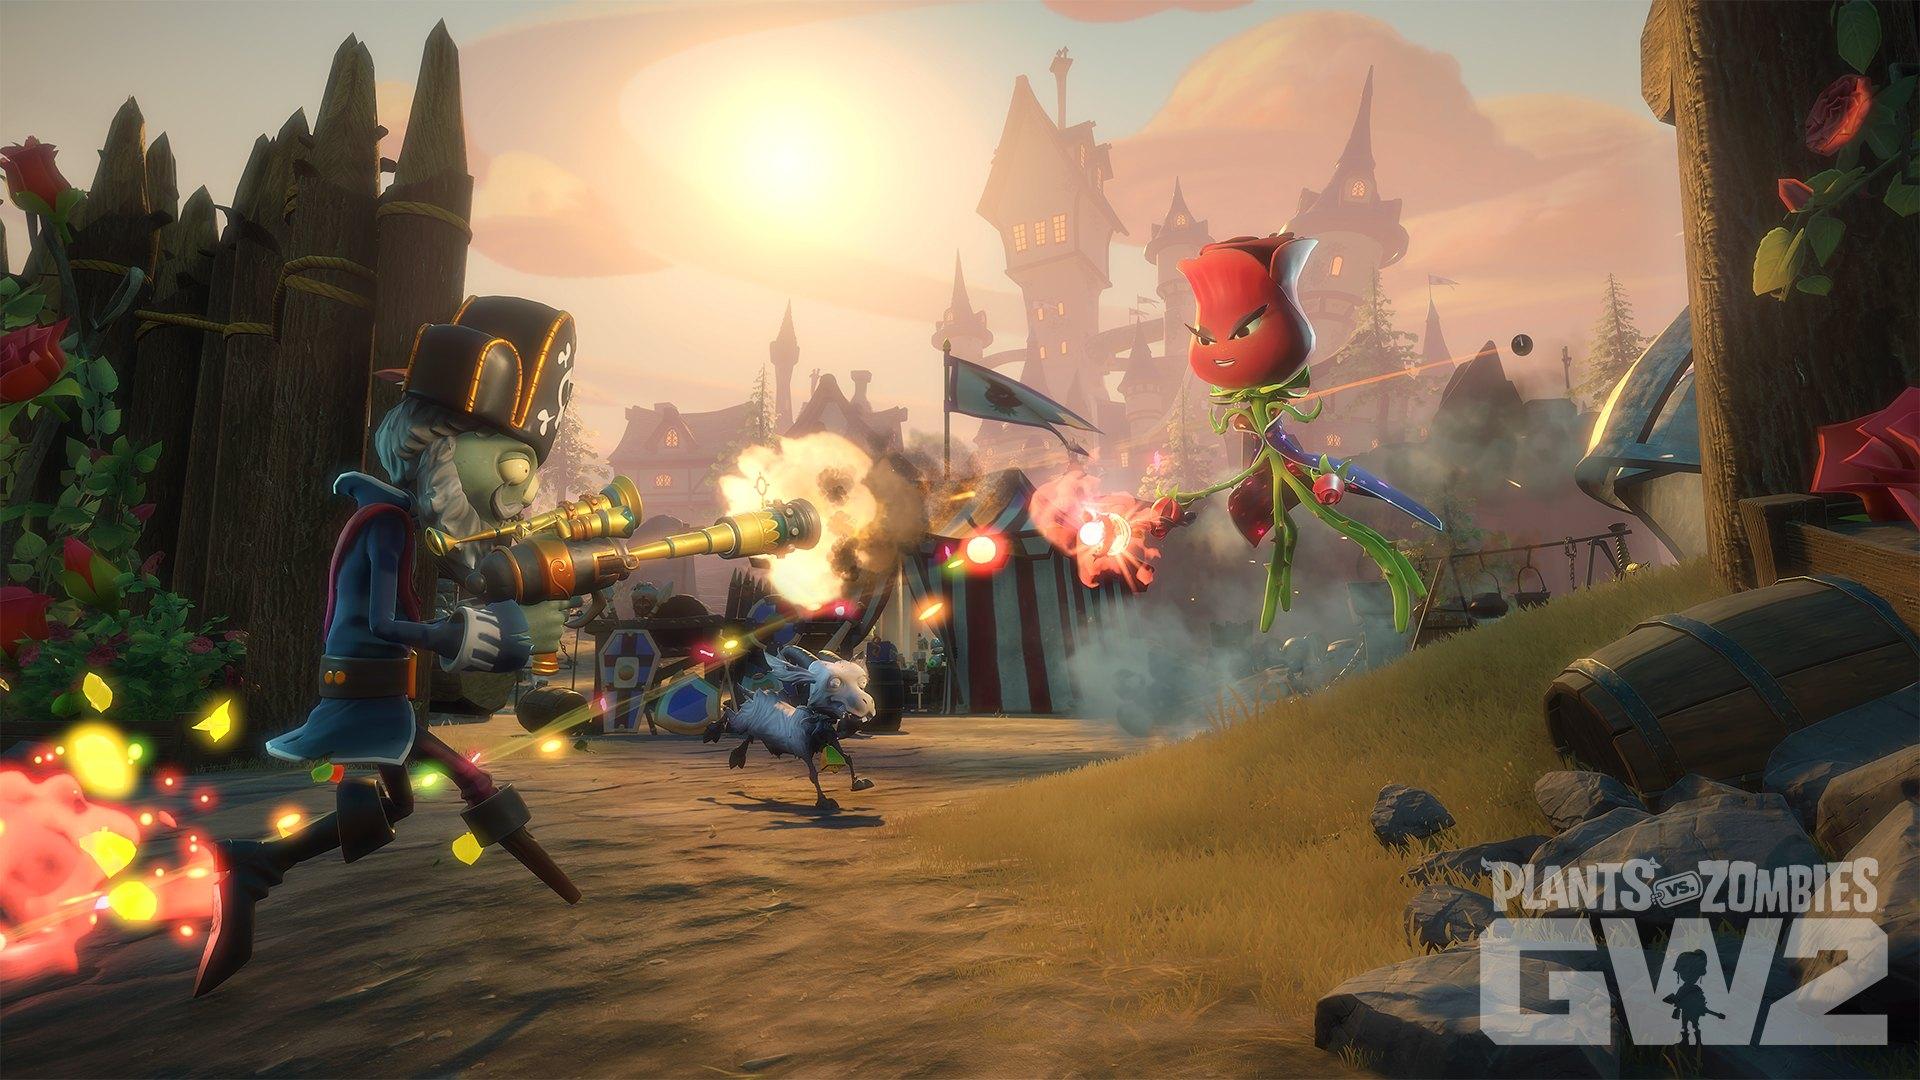 Zombies Vs. Plants In Garden Warfare 2 ...